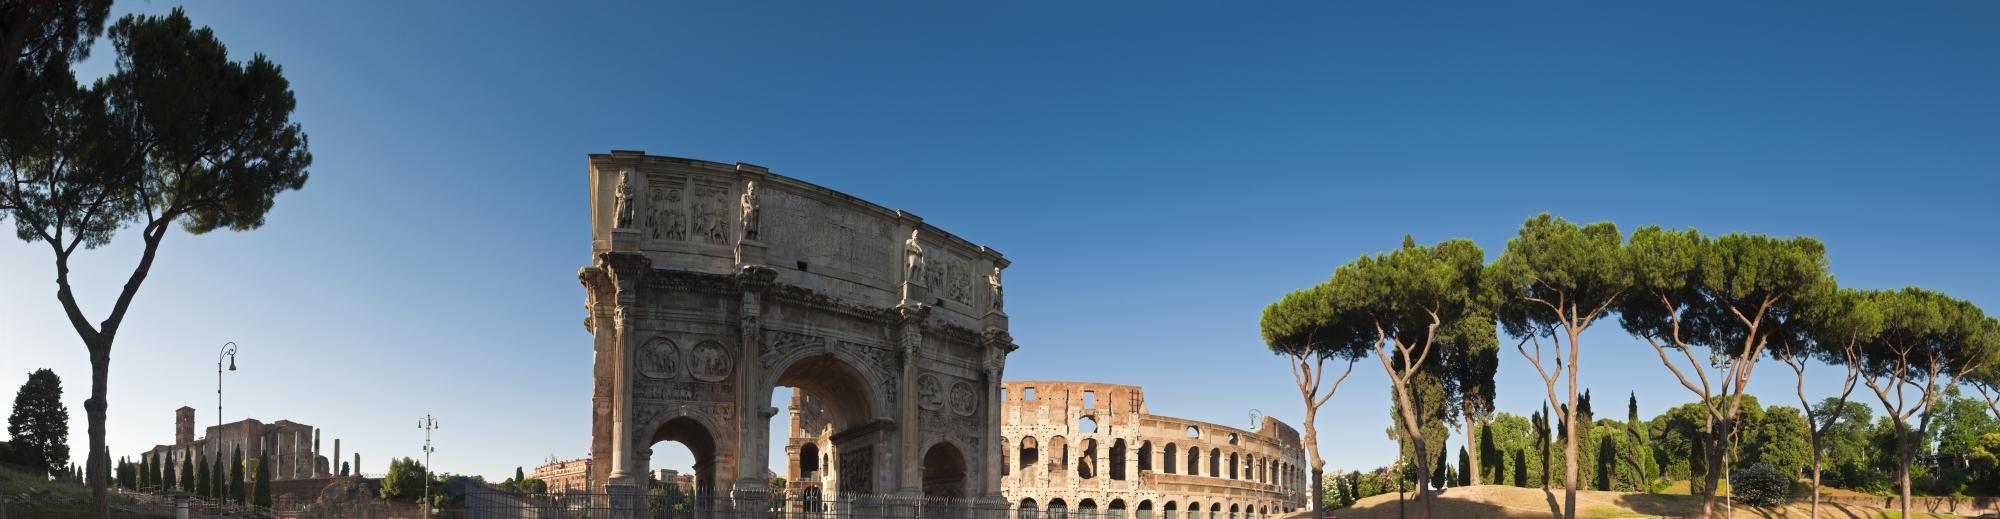 roma poderoso coliseo y el arco de constantino